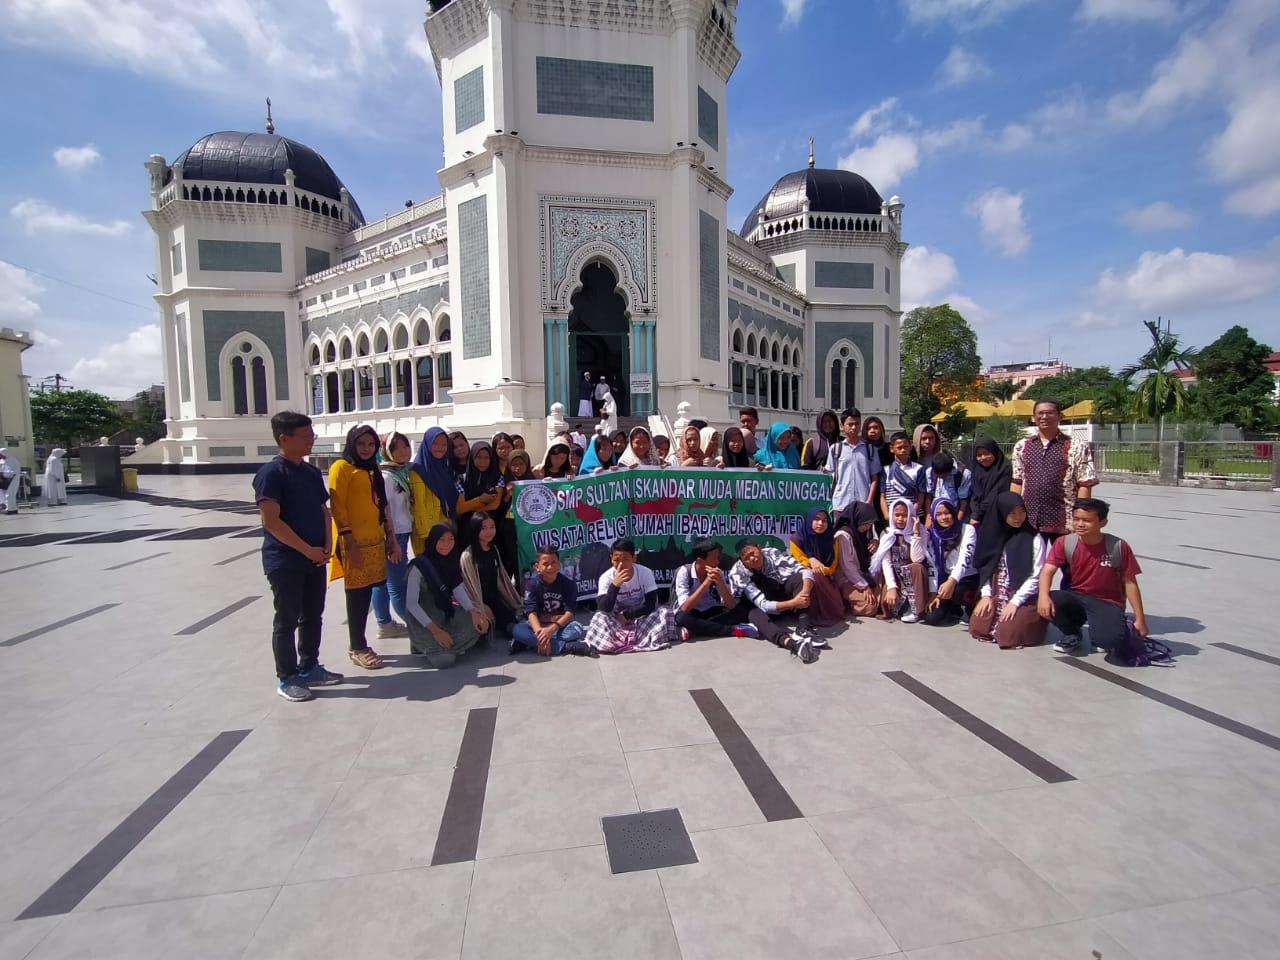 Wisata Religi Multikultural SMP Sultan Iskandar Muda, Kunjungi Rumah-Rumah Ibadah di Kota Medan